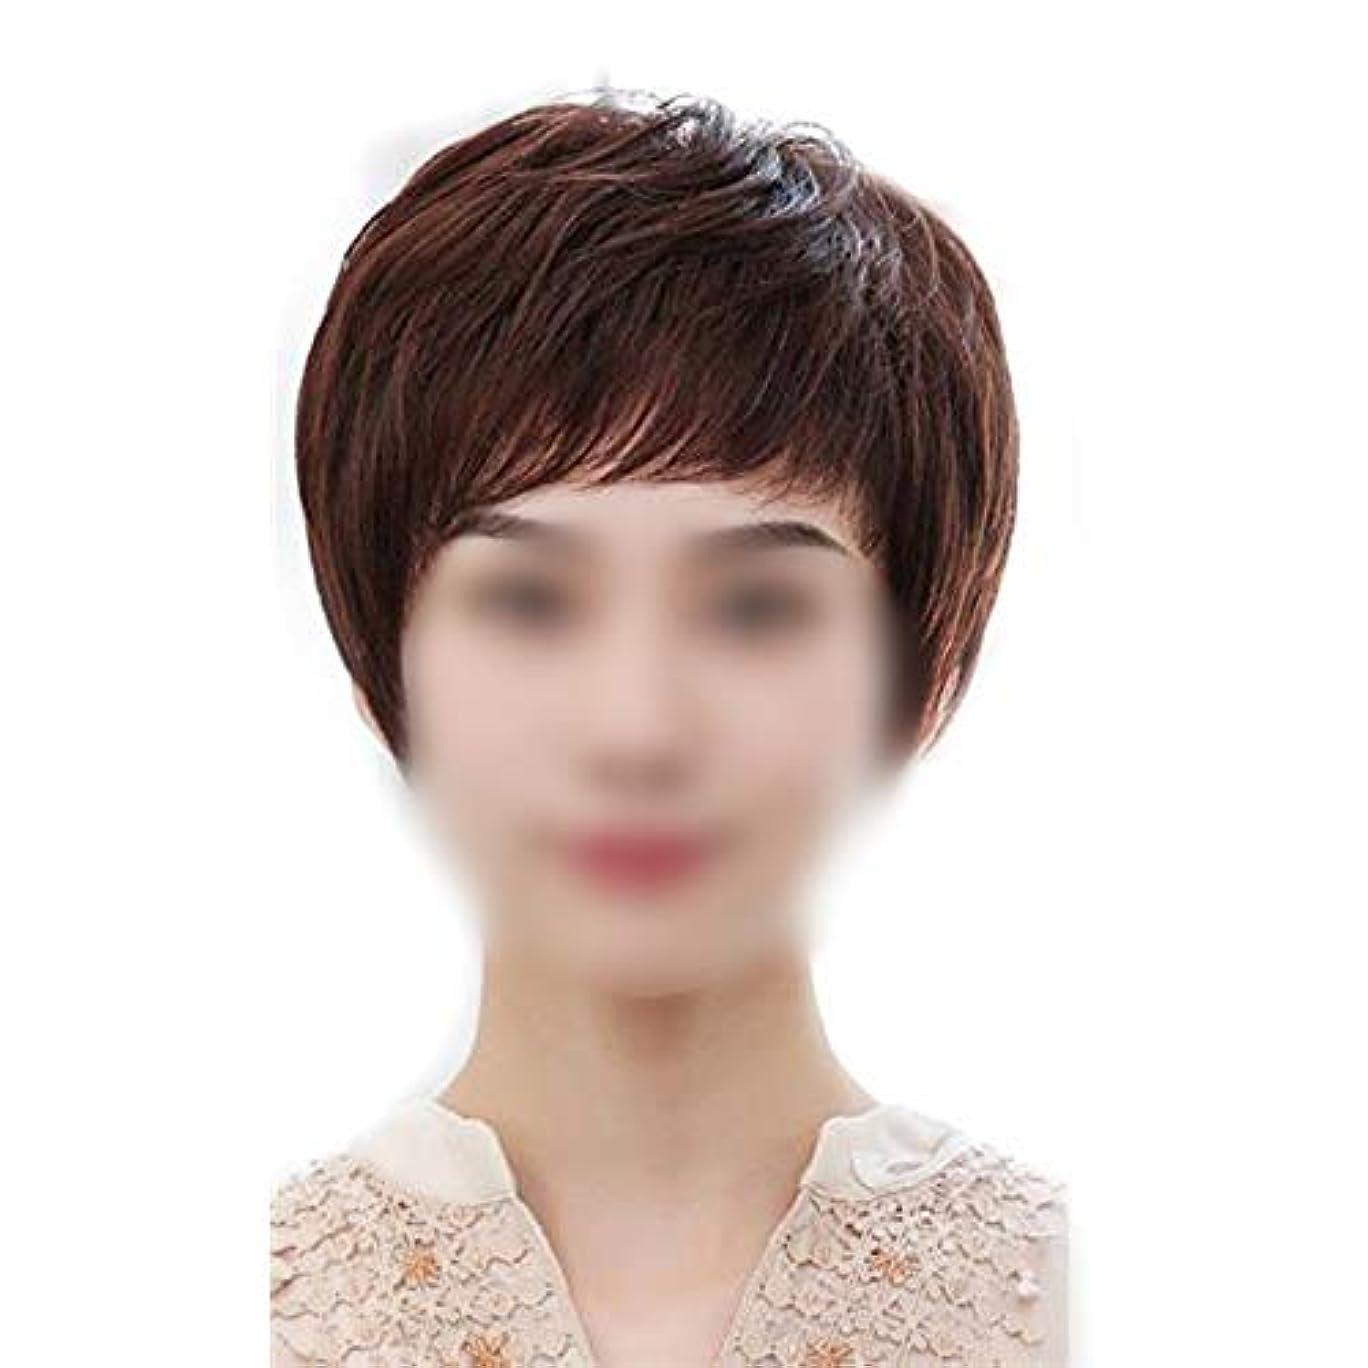 産地隠すベギンYOUQIU 中年ウィッグのために髪とふわふわふわふわライトショートストレート髪を持つ女性のフル手の手織りの針 (色 : Natural black)